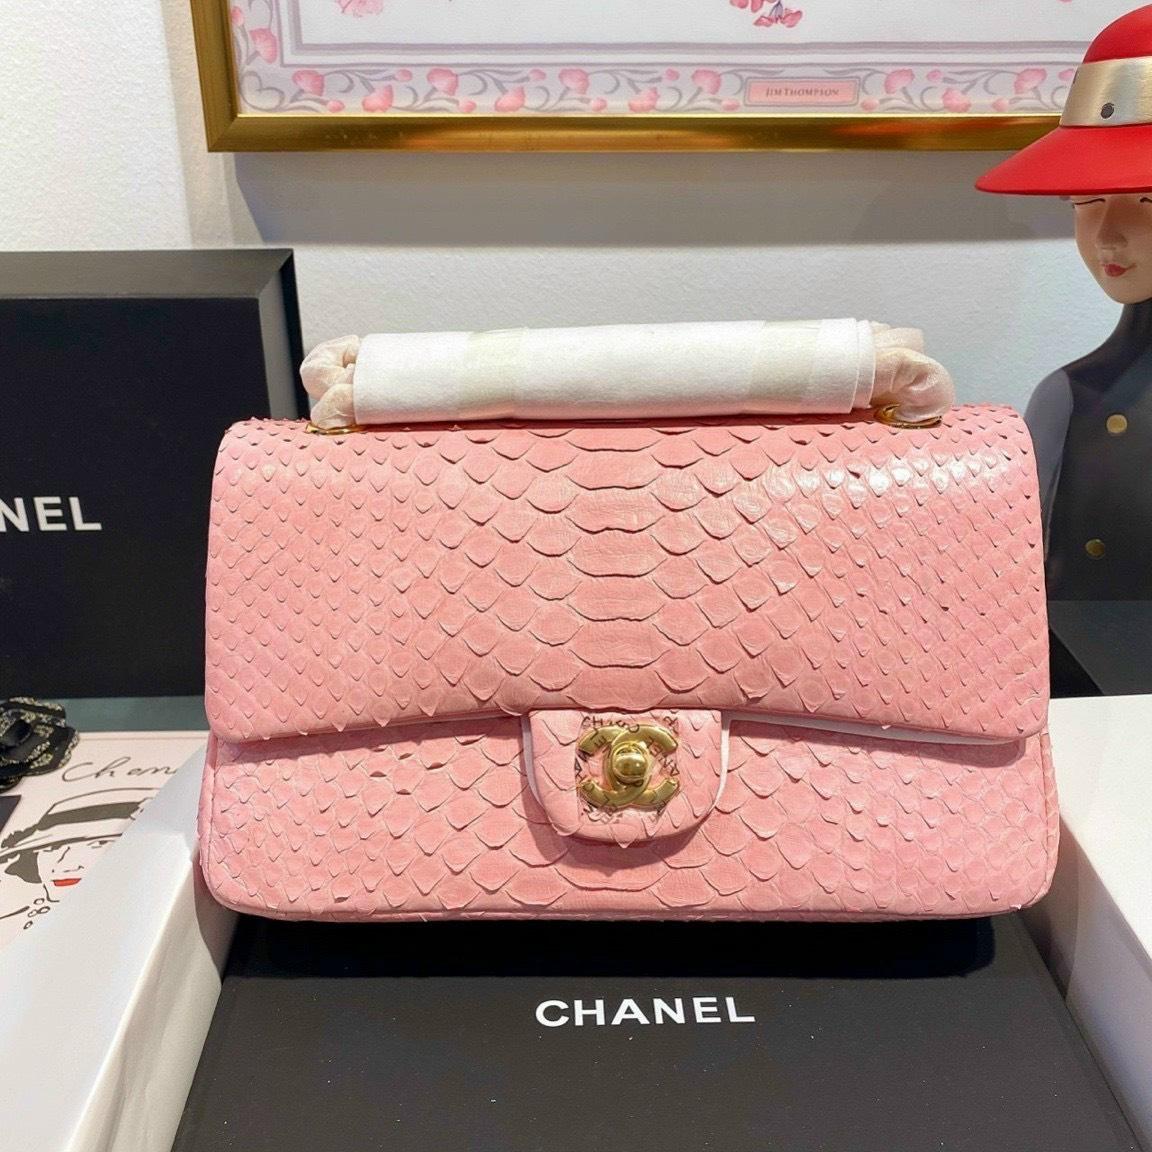 Truy tìm địa chỉ mua túi xách Chanel TPHCM uy tín